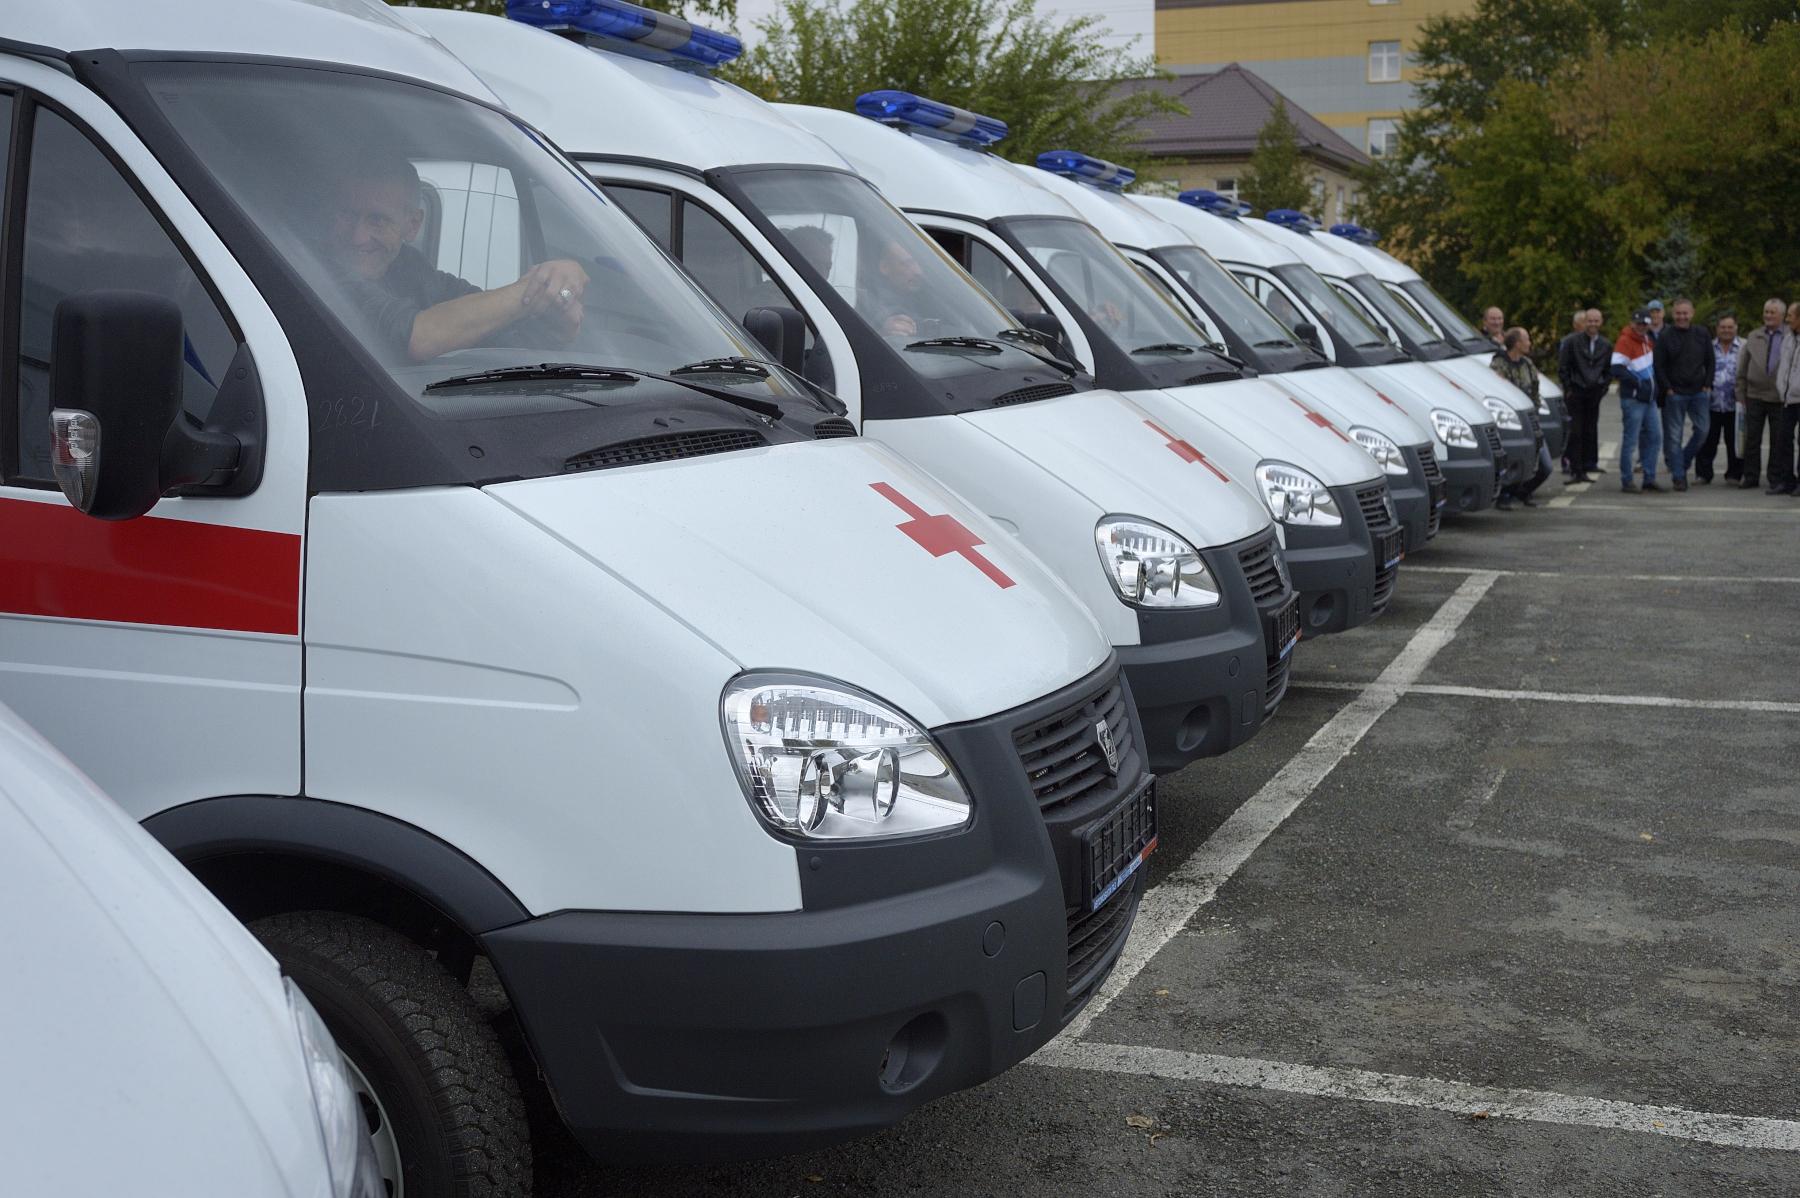 Современная скорая помощь: в Челябинской области обновлён парк спецтехники